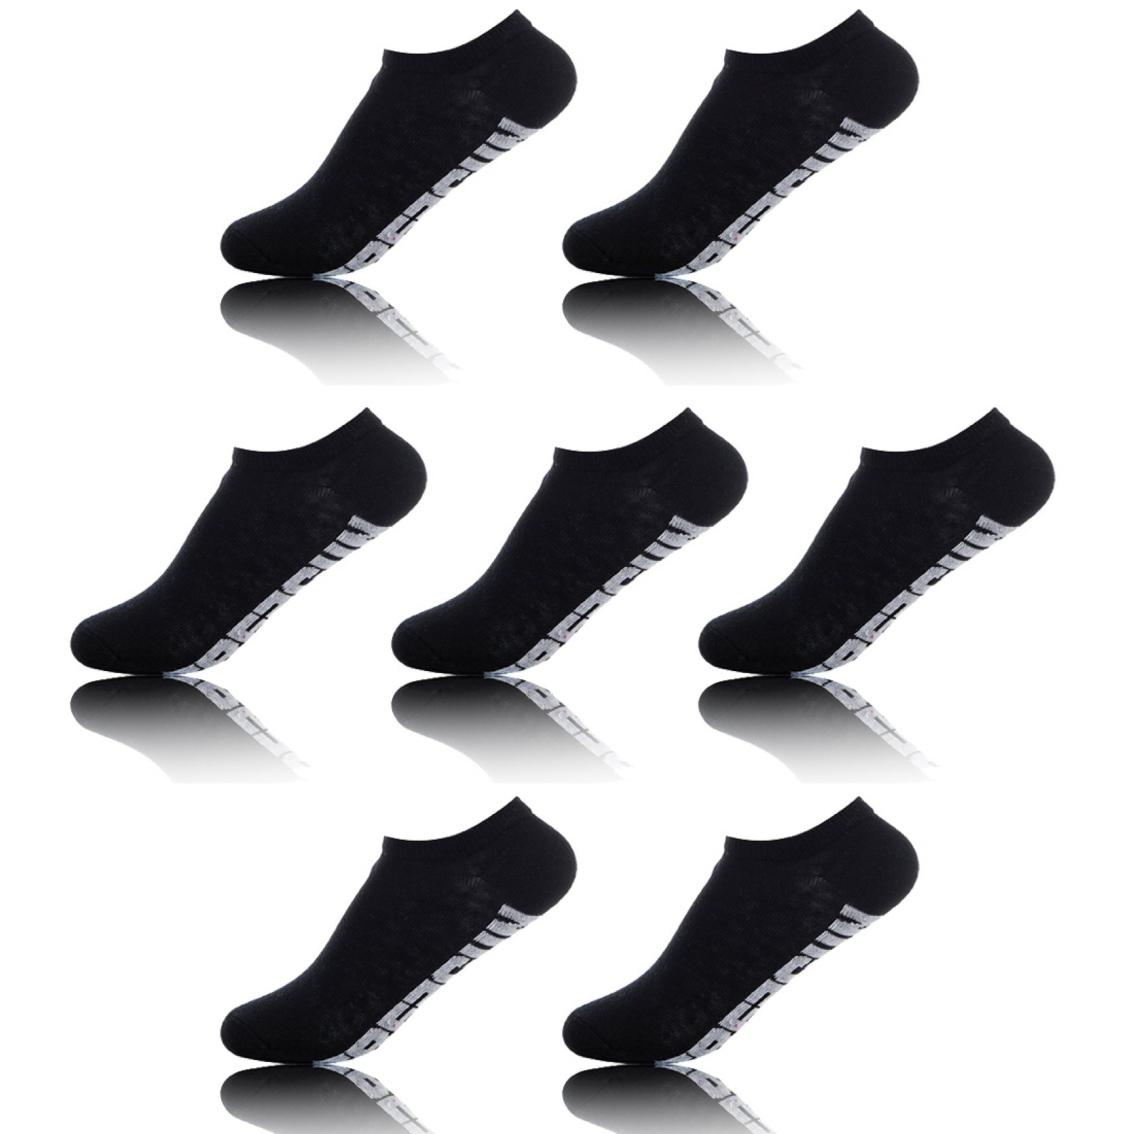 Lot de 7 paires de chaussettes homme tige courte uni noires (photo)